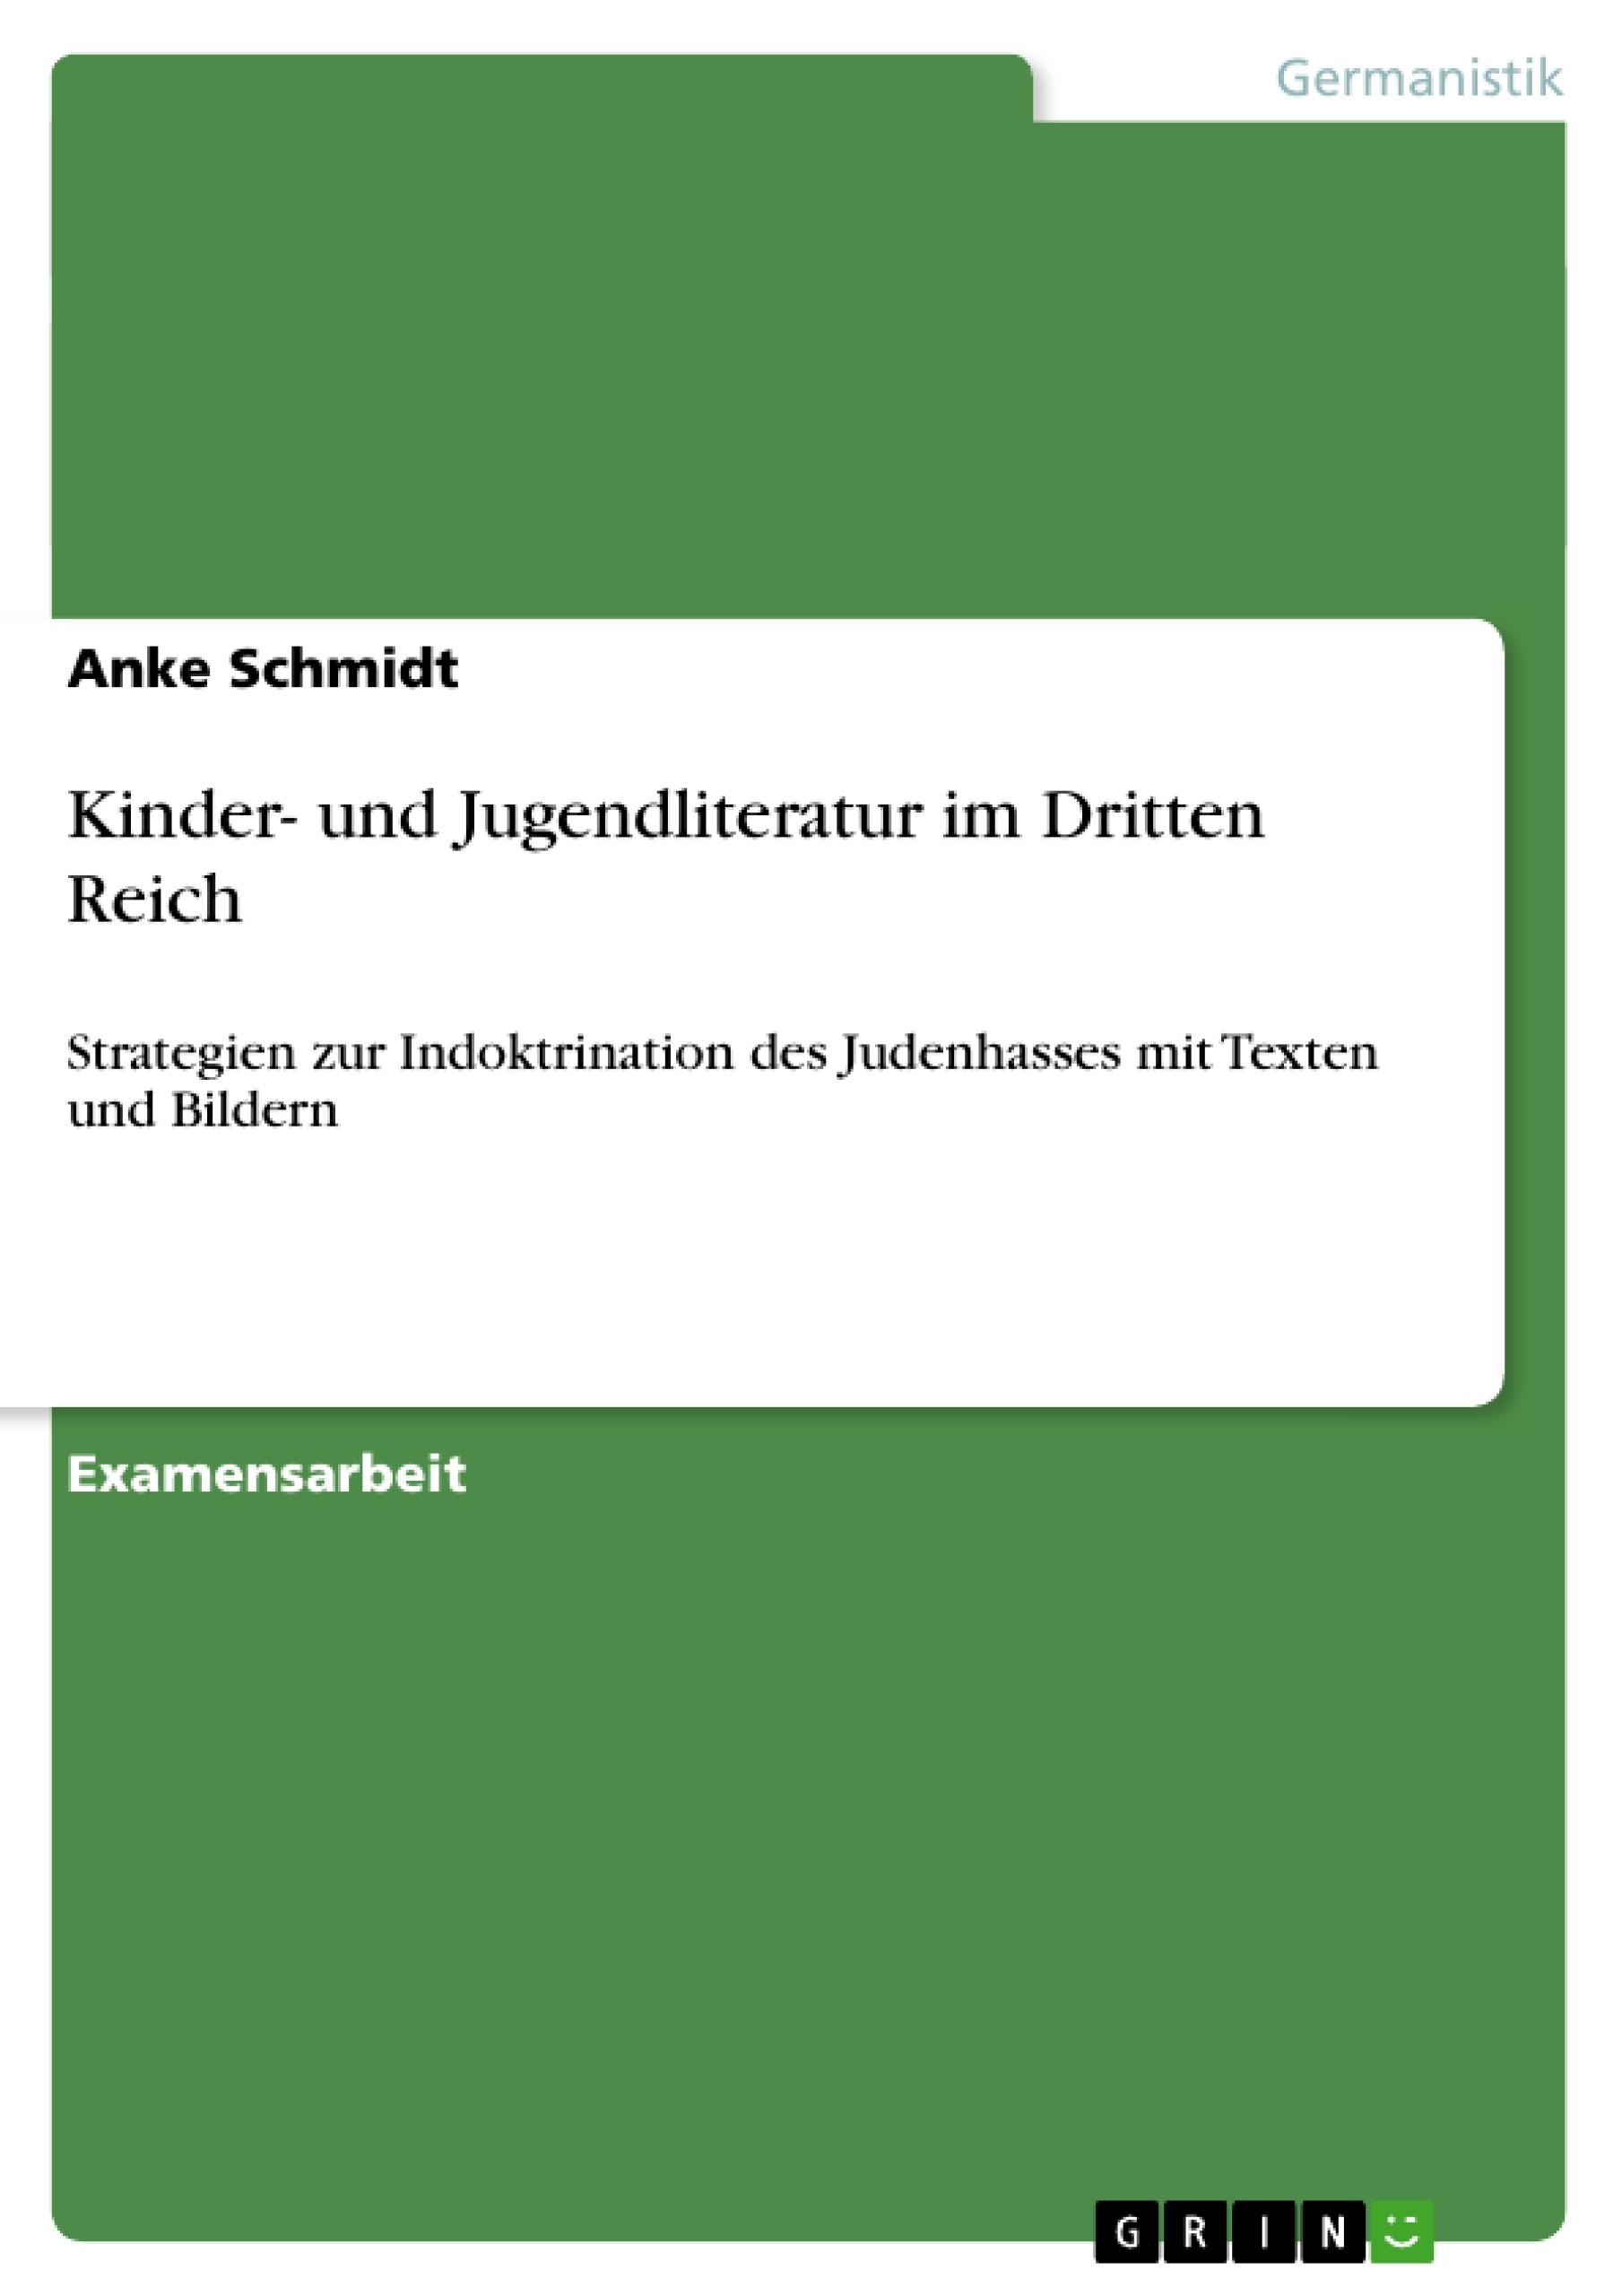 Titel: Kinder- und Jugendliteratur im Dritten Reich